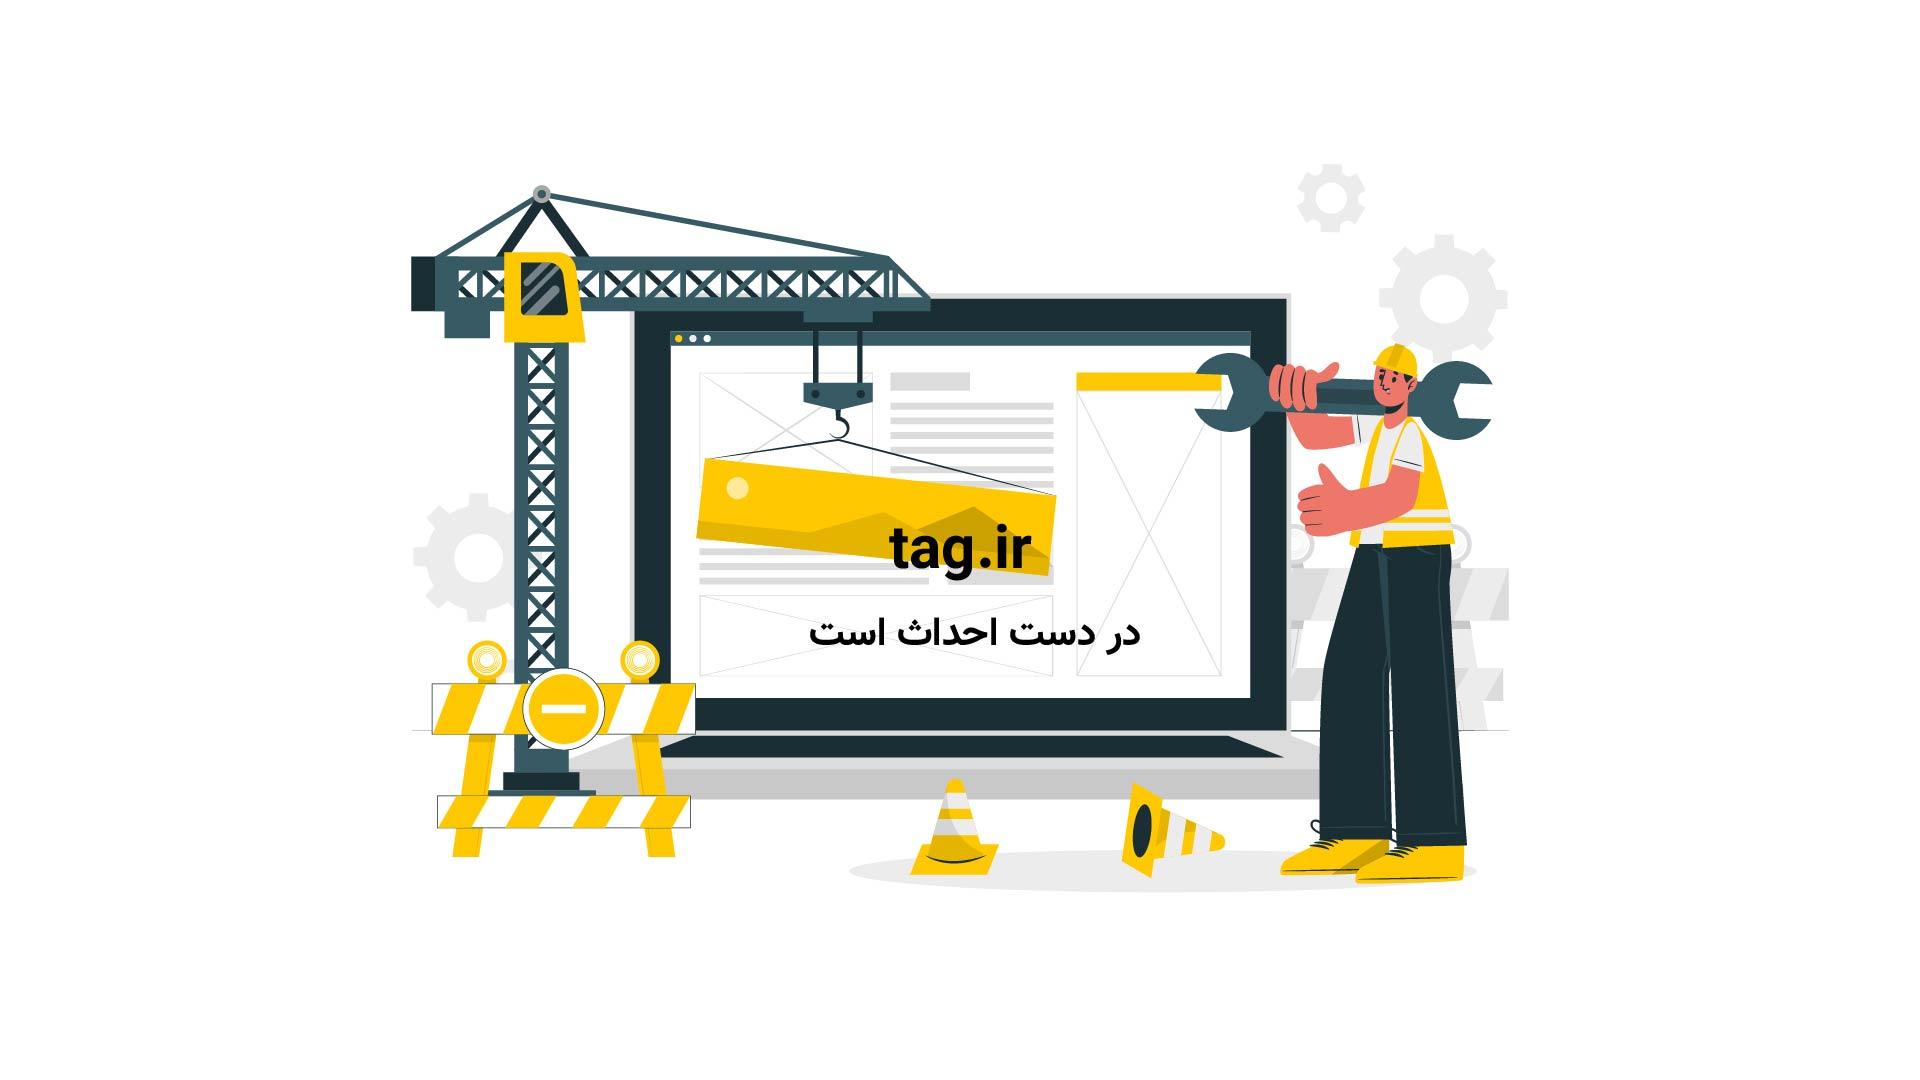 ساخت بزرگترین شکلات مغزدار به طول 600 متر در بلژیک   فیلم